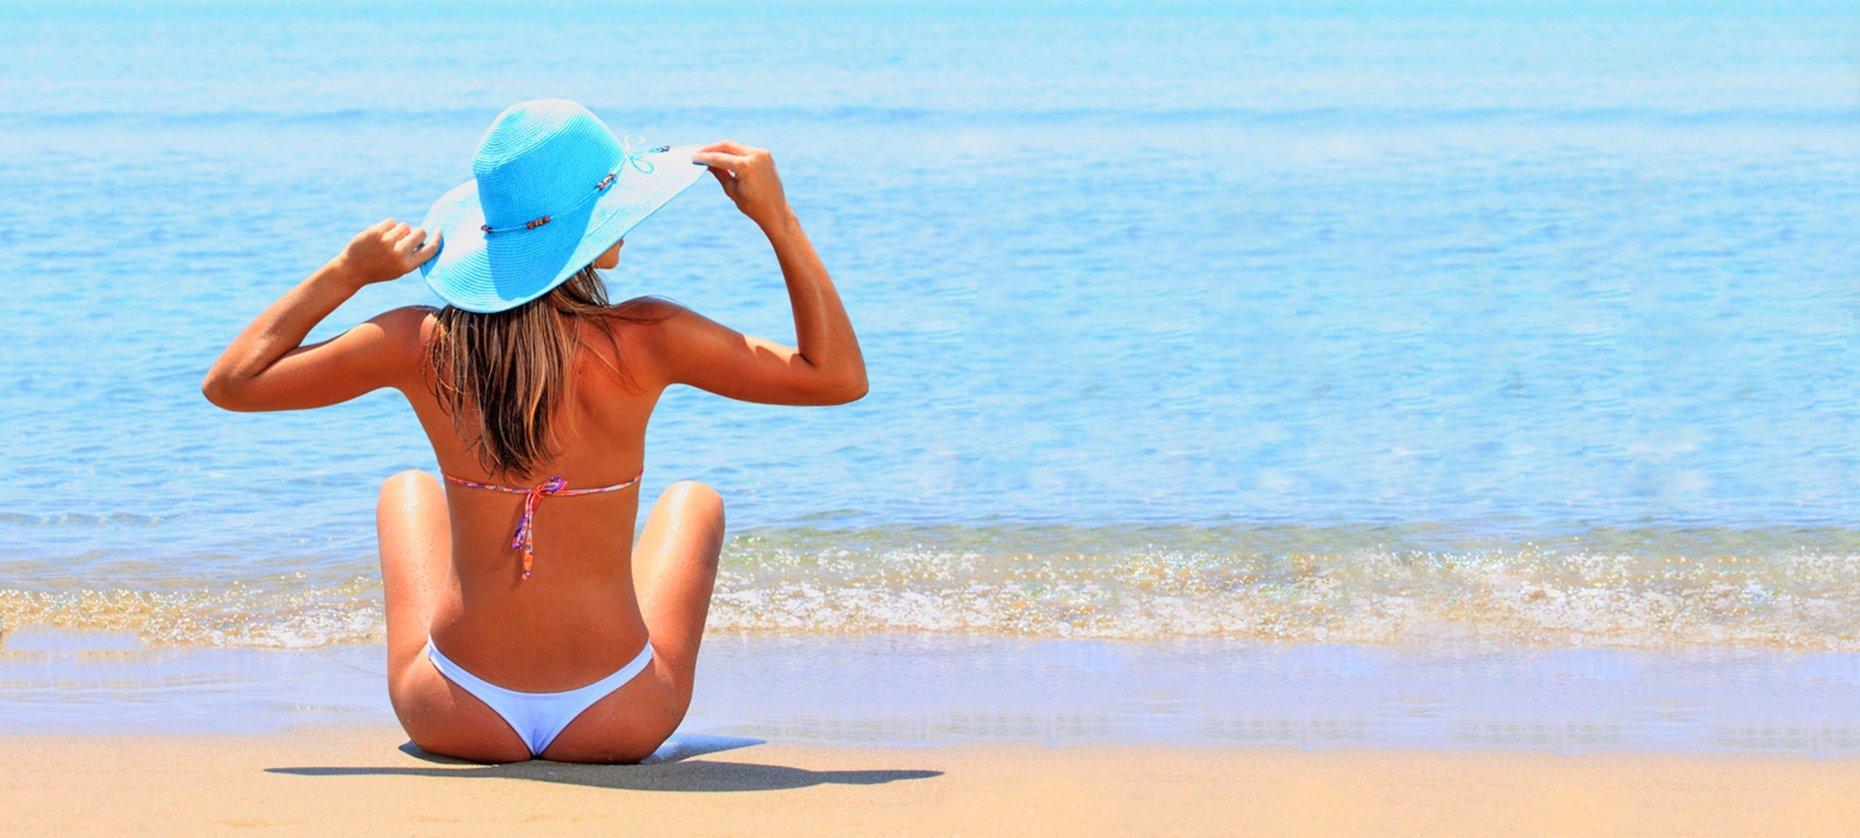 Frases De Verão 100 Dicas Para Legenda De Foto Sozinha Na Praia